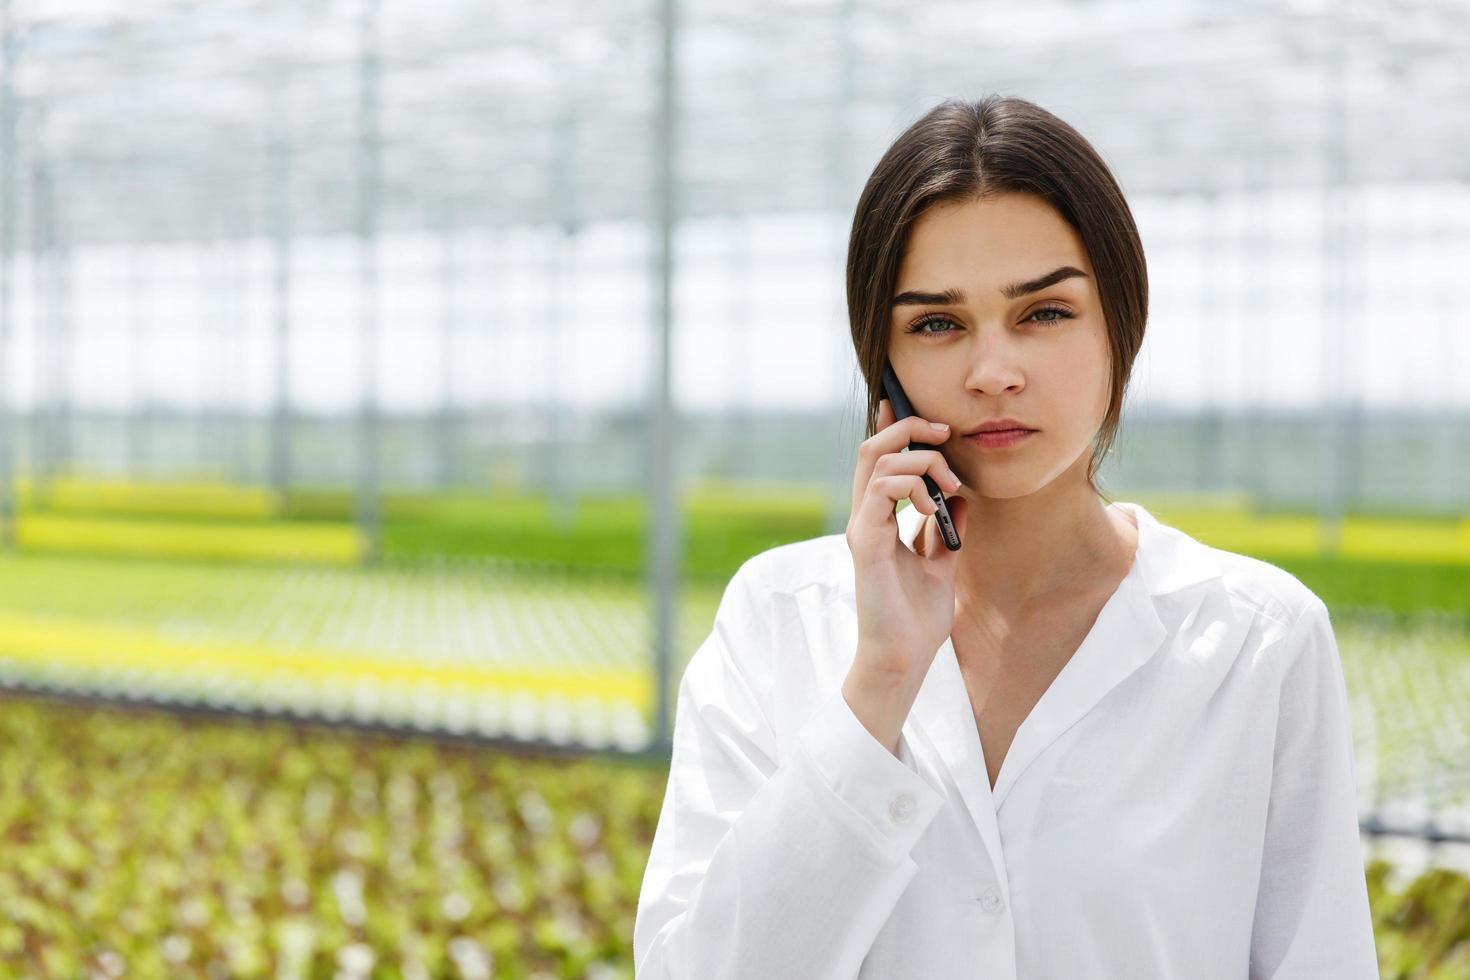 Forscher telefonieren um ein Gewächshaus herum foto